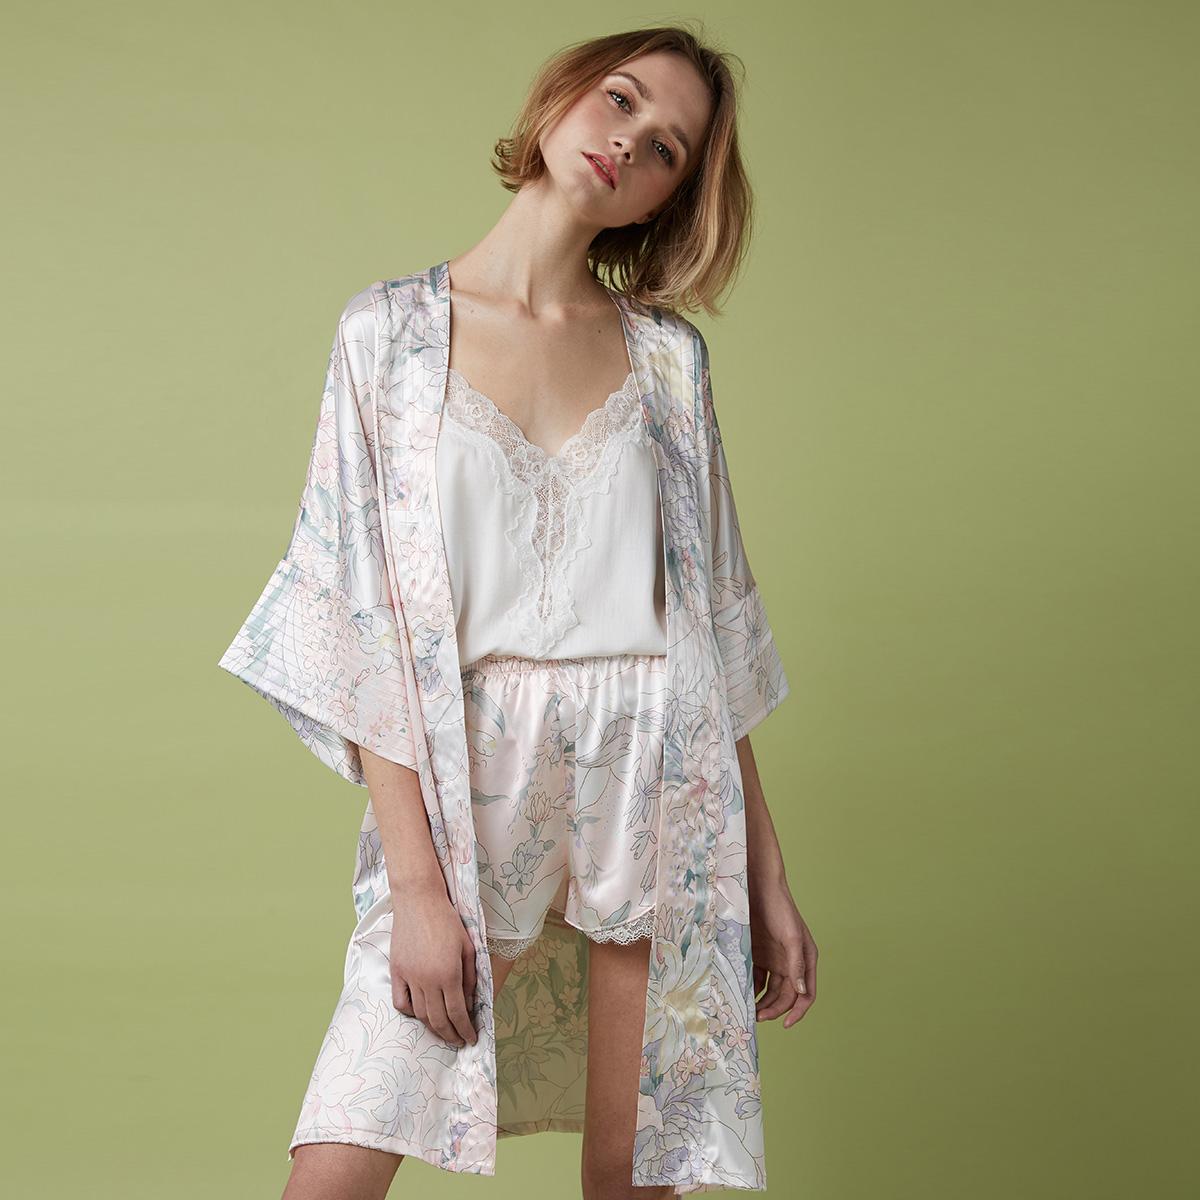 PJM春夏新款睡袍女性感宽松大码花卉印花中袖舒适睡衣家居服浴袍